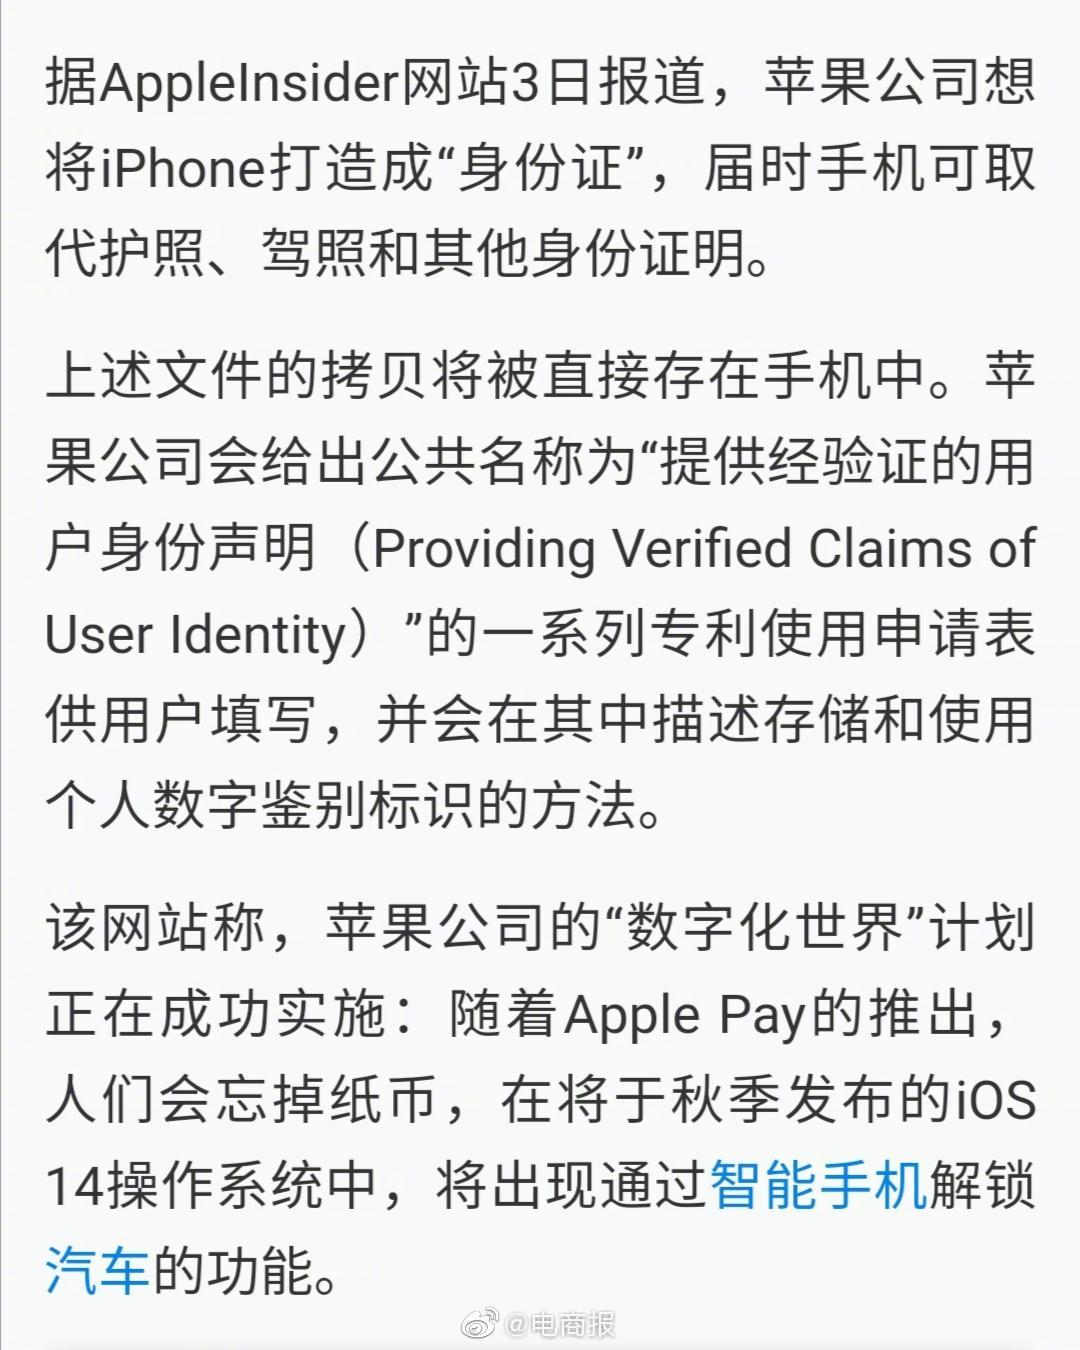 """据报道,苹果公司想将iPhone打造成""""身份证""""……"""